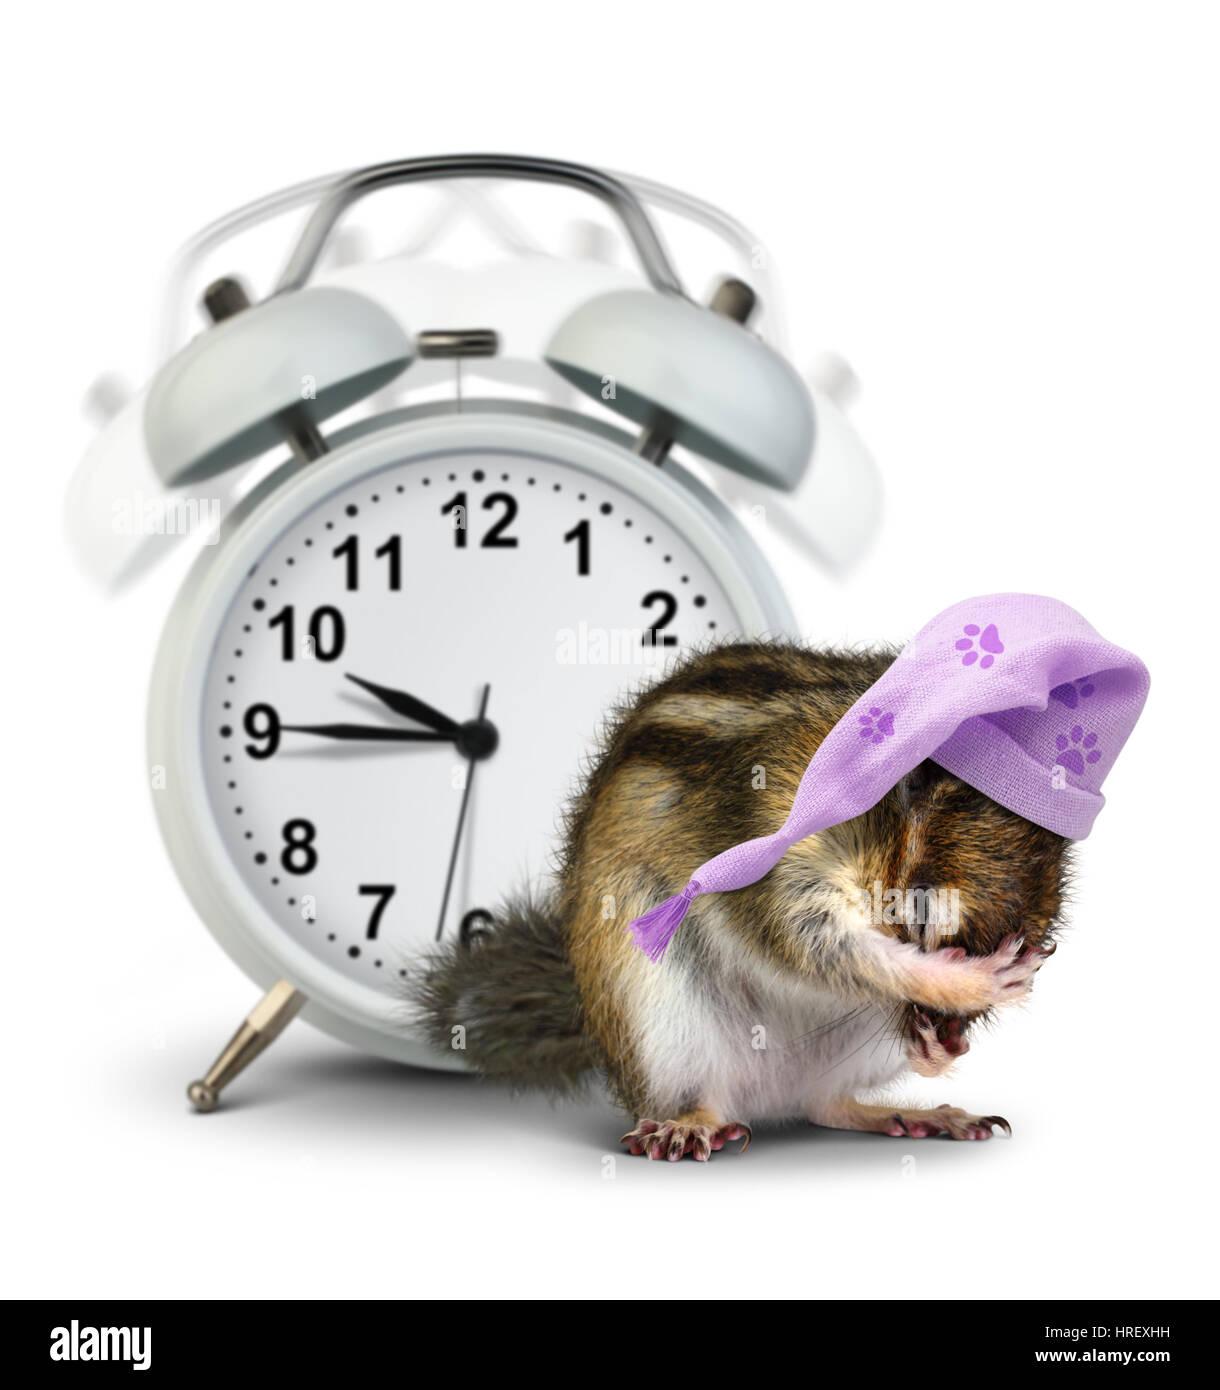 Guten Morgen Konzept Lustige Tier Streifenhörnchen Mit Uhr Klingeln